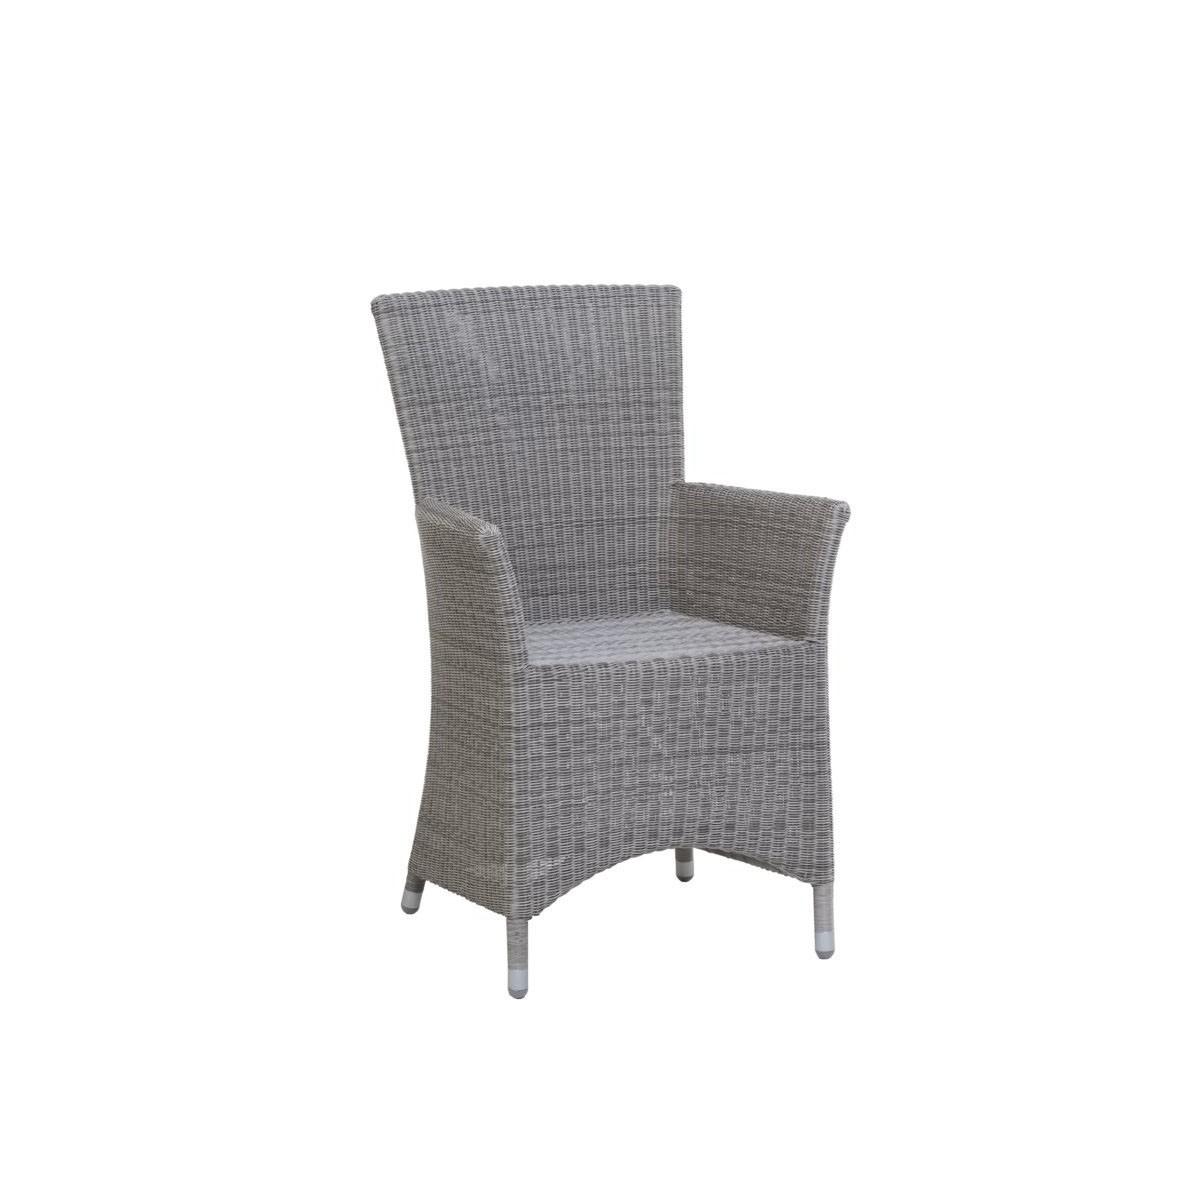 fauteuil de table nevis en r sine et aluminium sp cial ext rieur. Black Bedroom Furniture Sets. Home Design Ideas